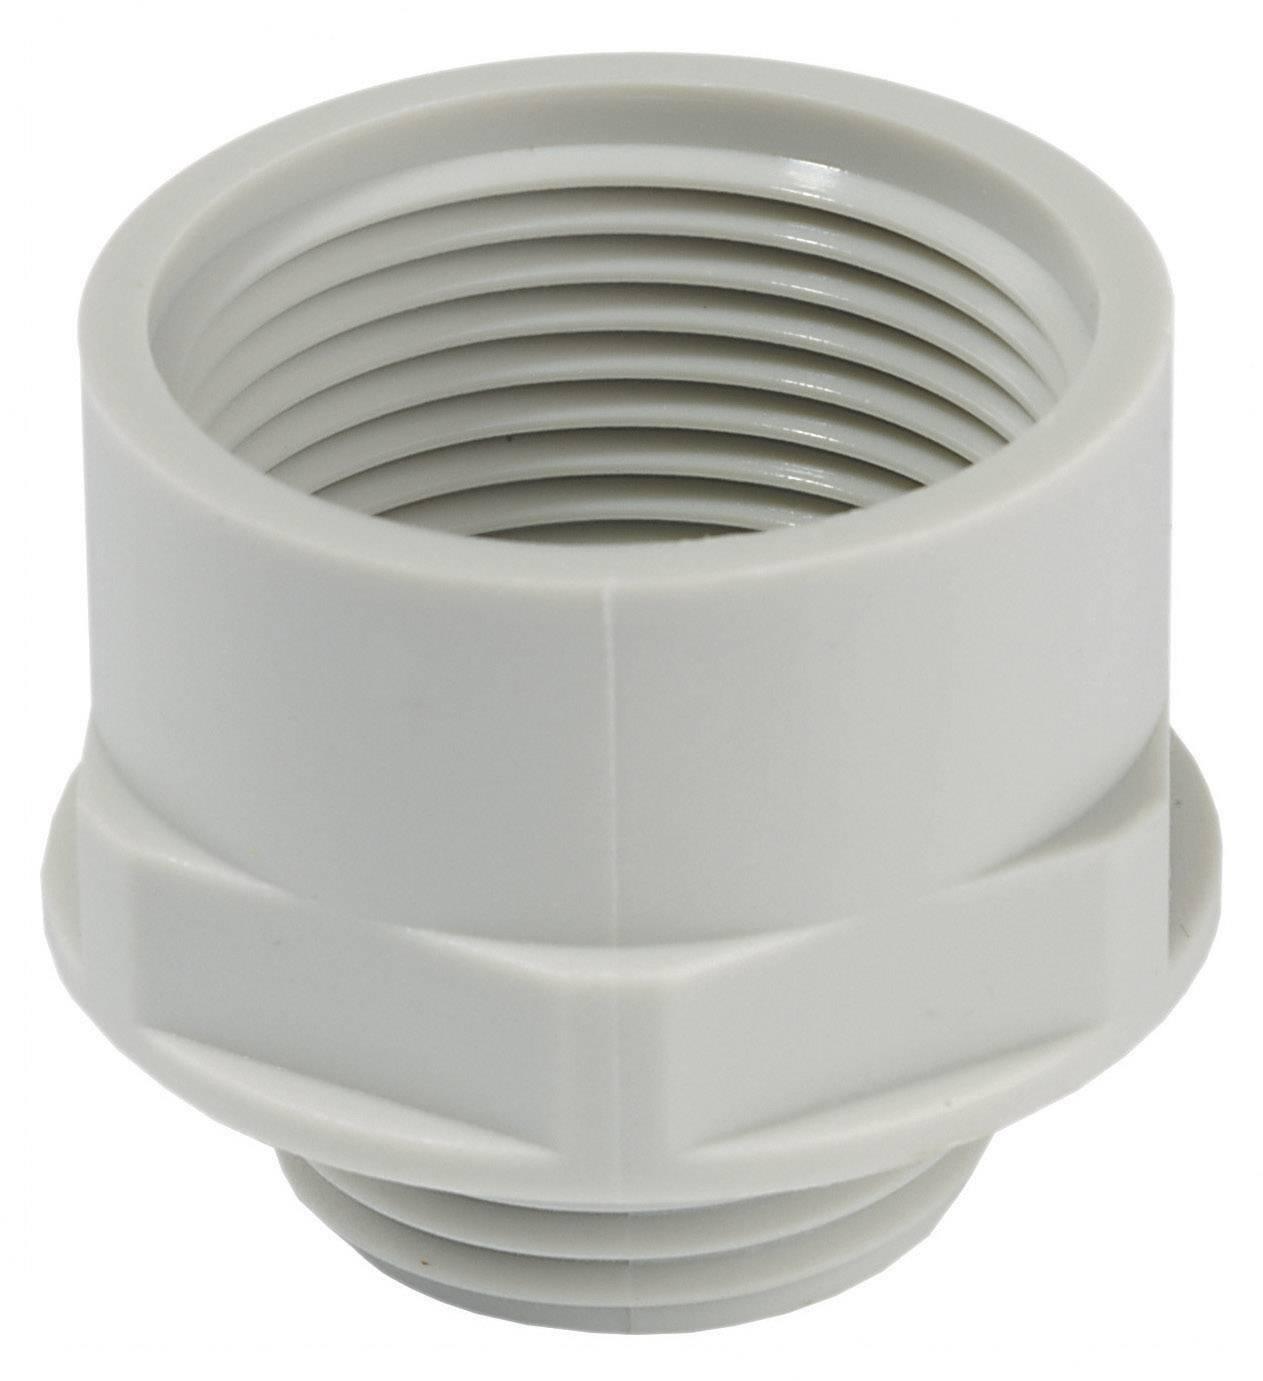 Adaptér kabelový spojky Wiska KEM 16/20 (10063571), M16, světle šedá